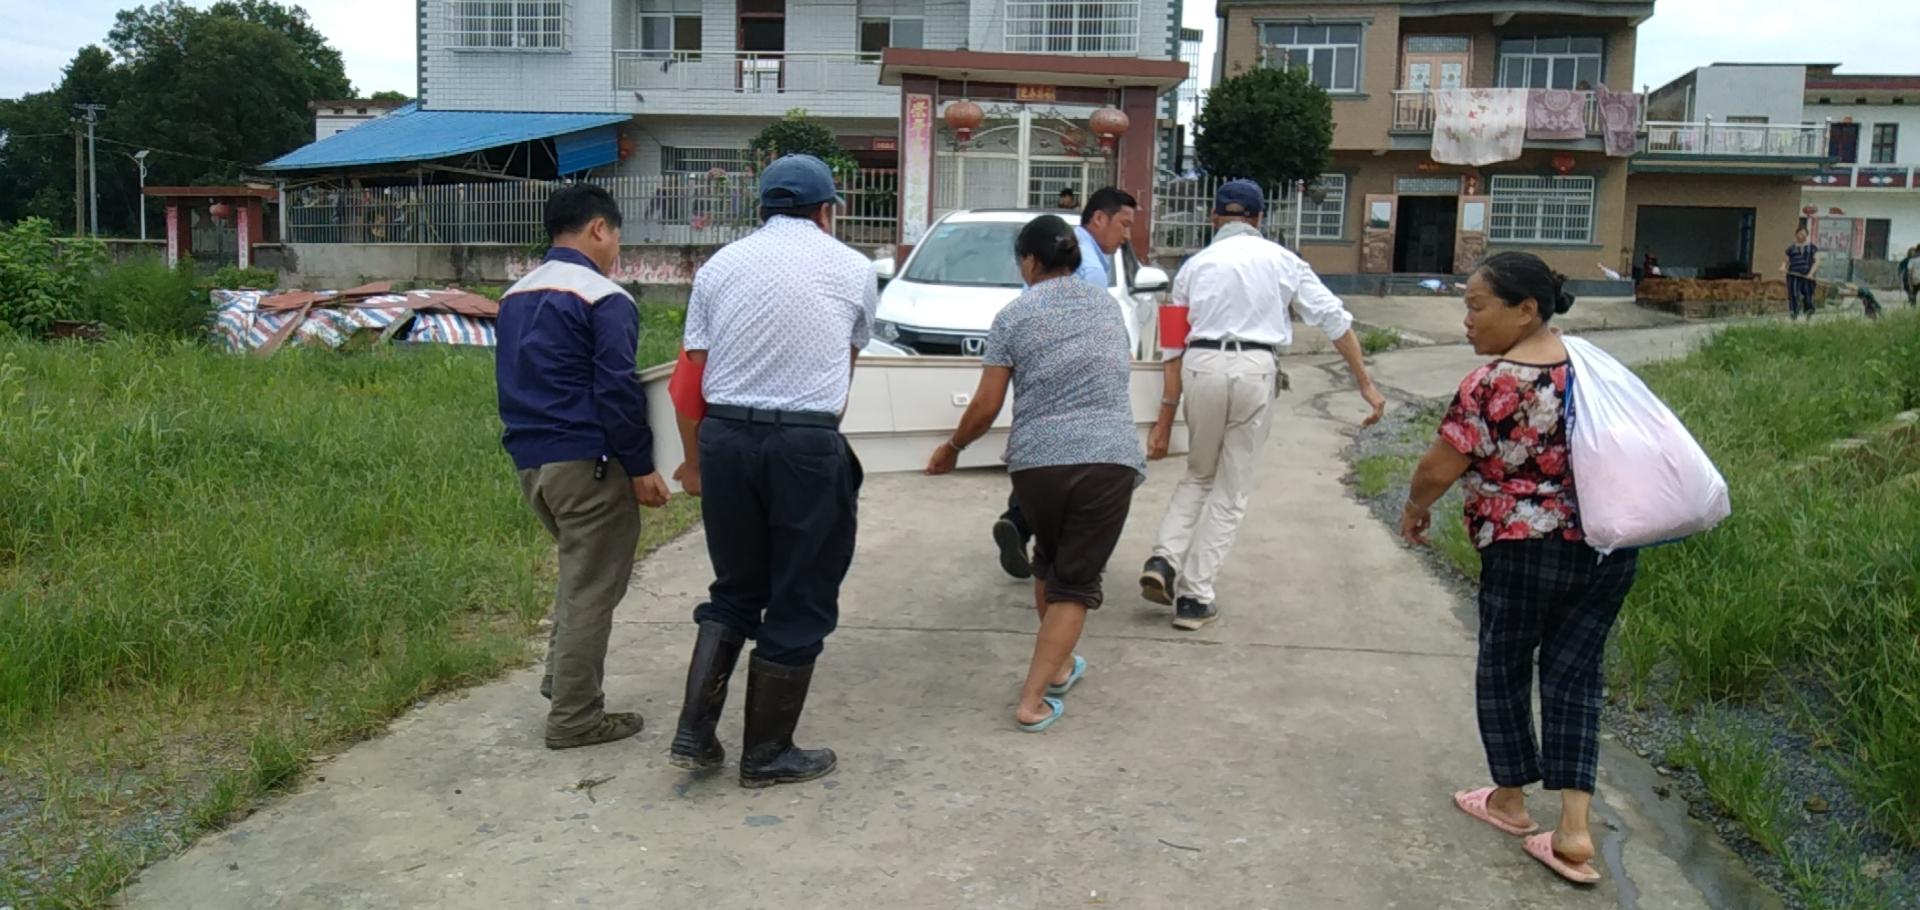 低洼地区村民在转移家庭财物 受访者供图